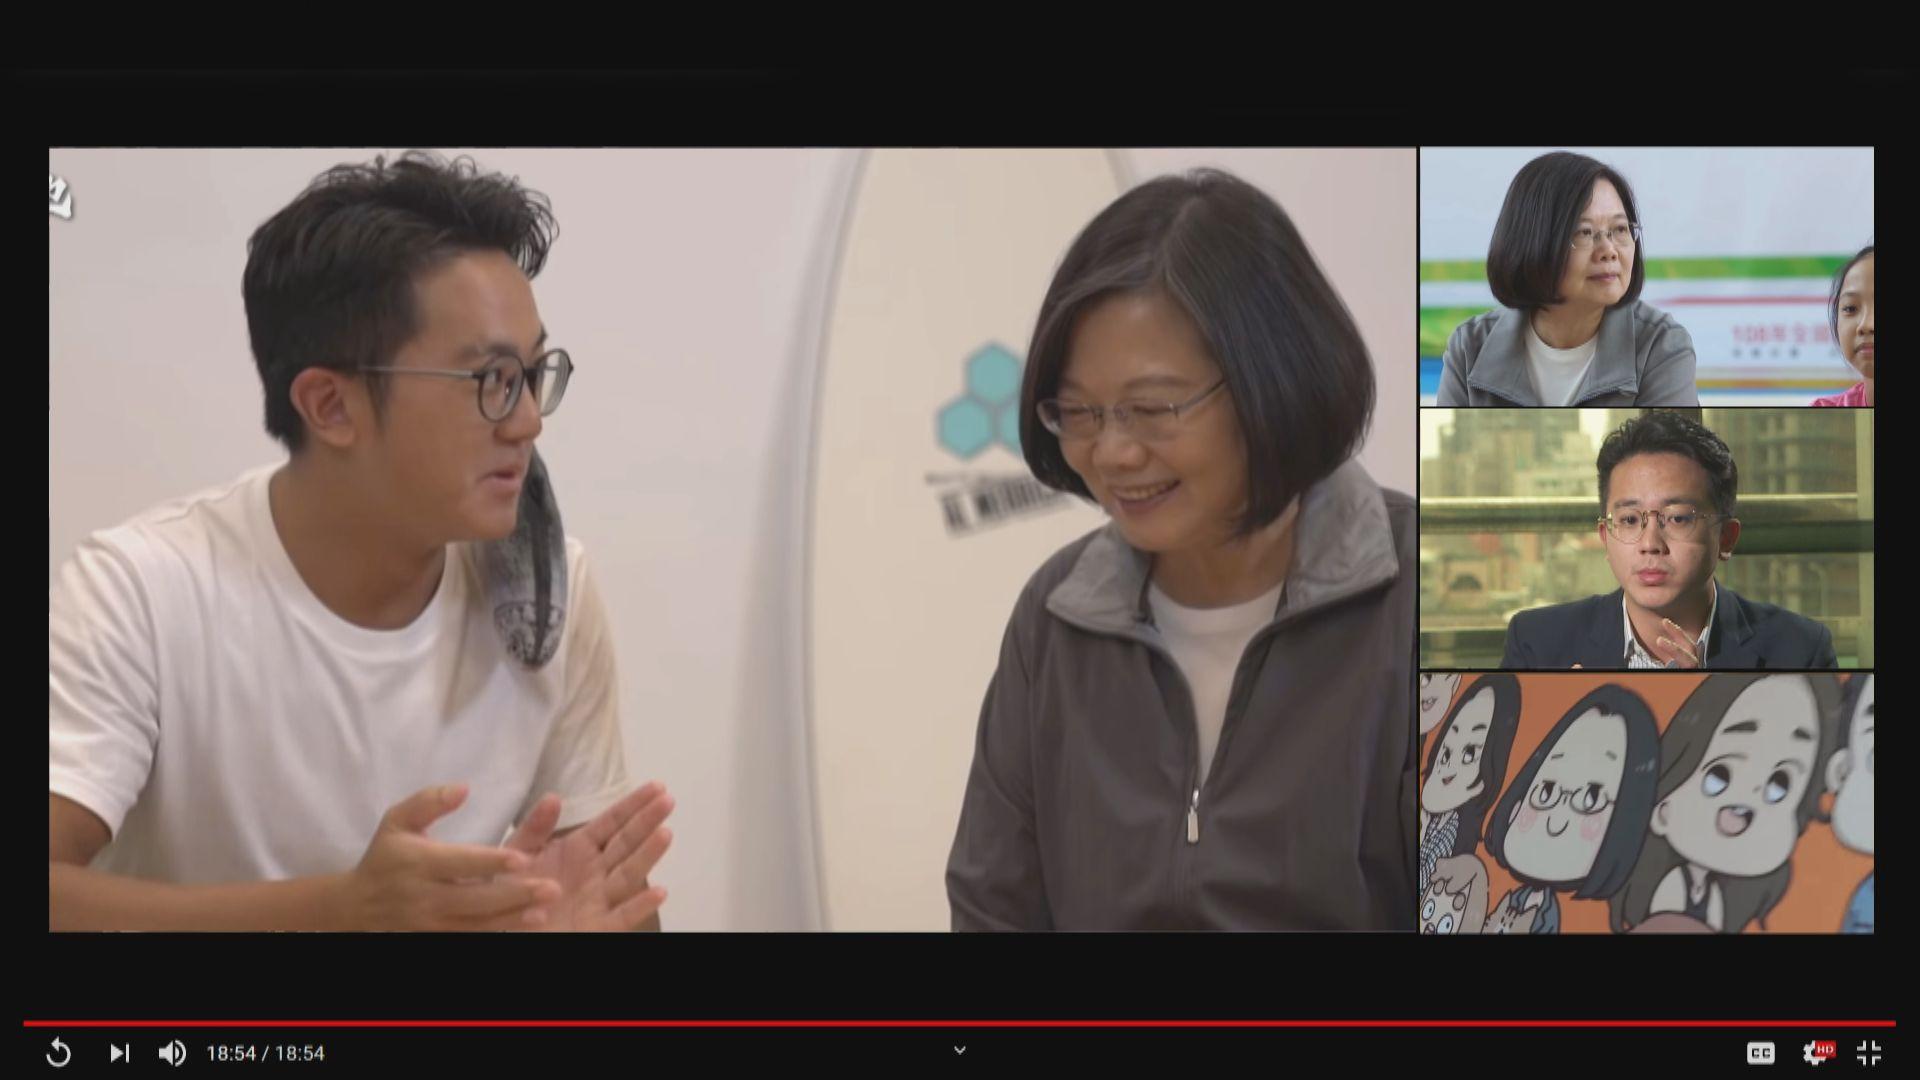 【台灣大選】蔡英文與網紅合作拍片爭年青人支持